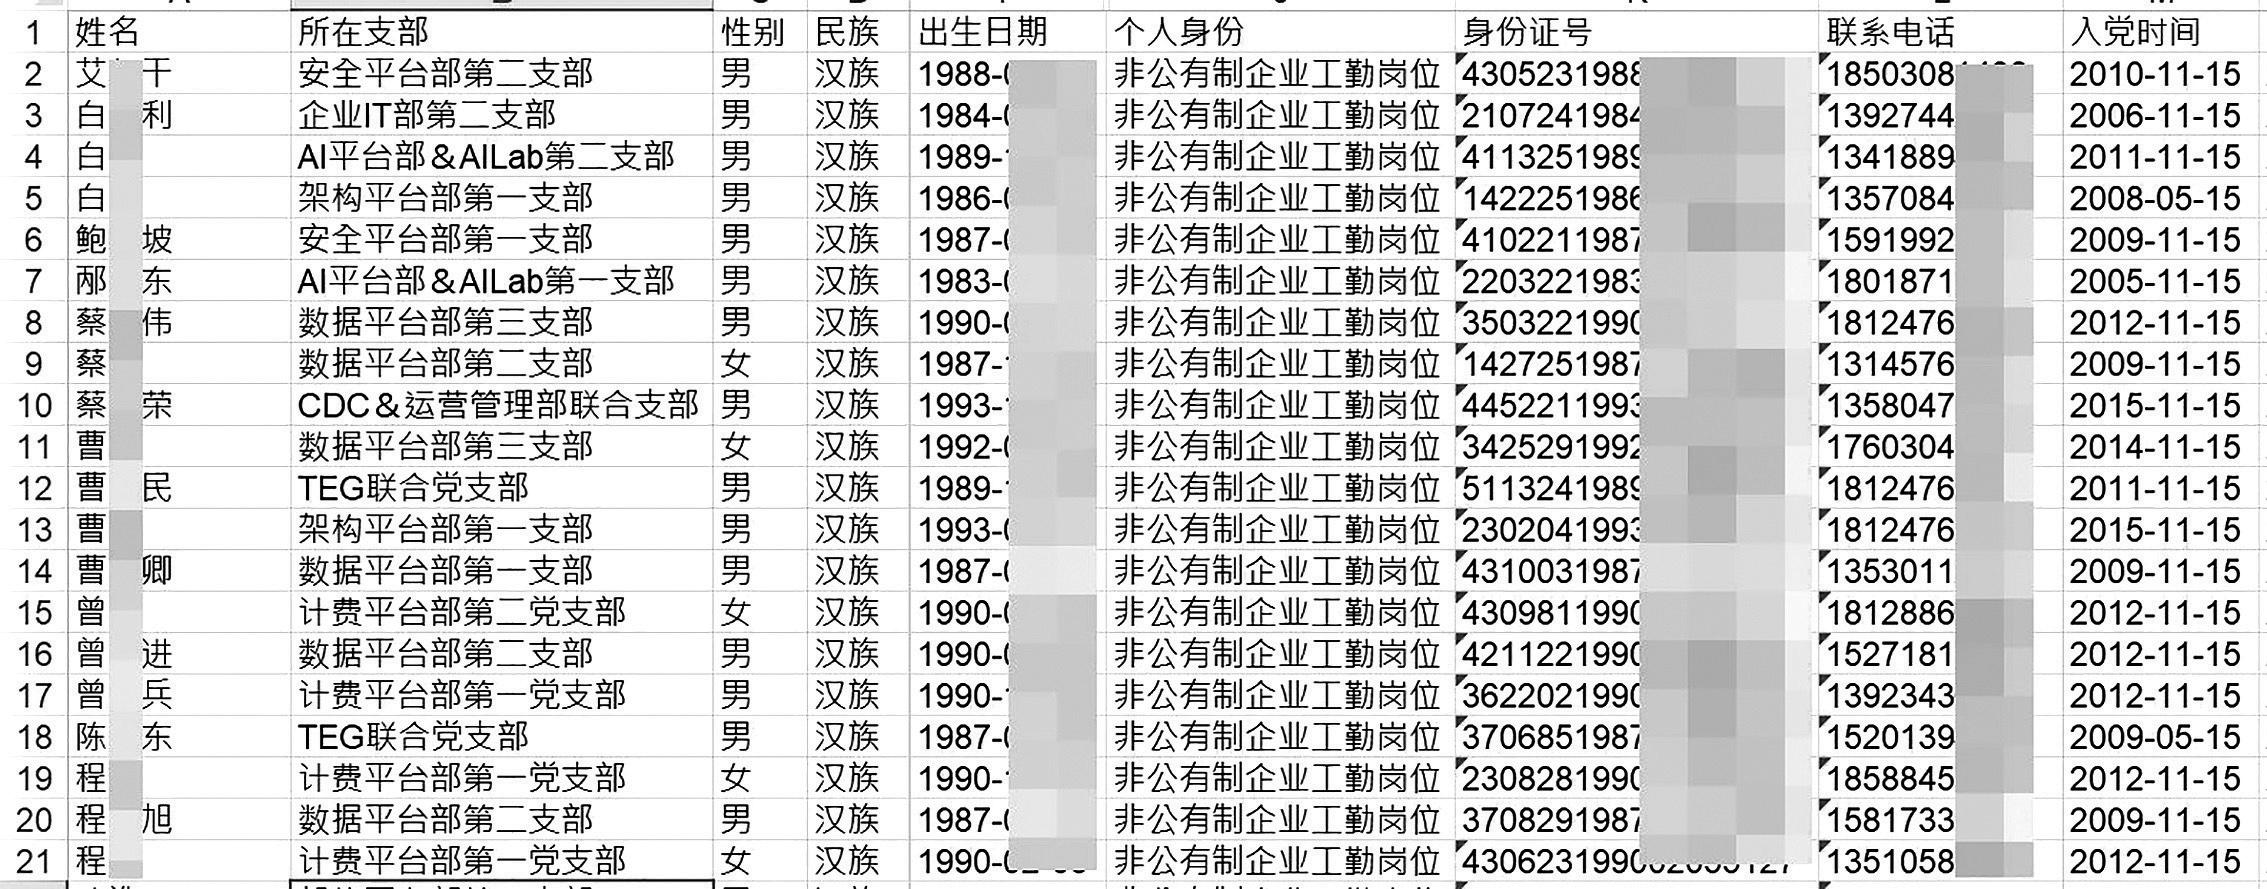 騰訊公司部份中共黨員名單。(大紀元)